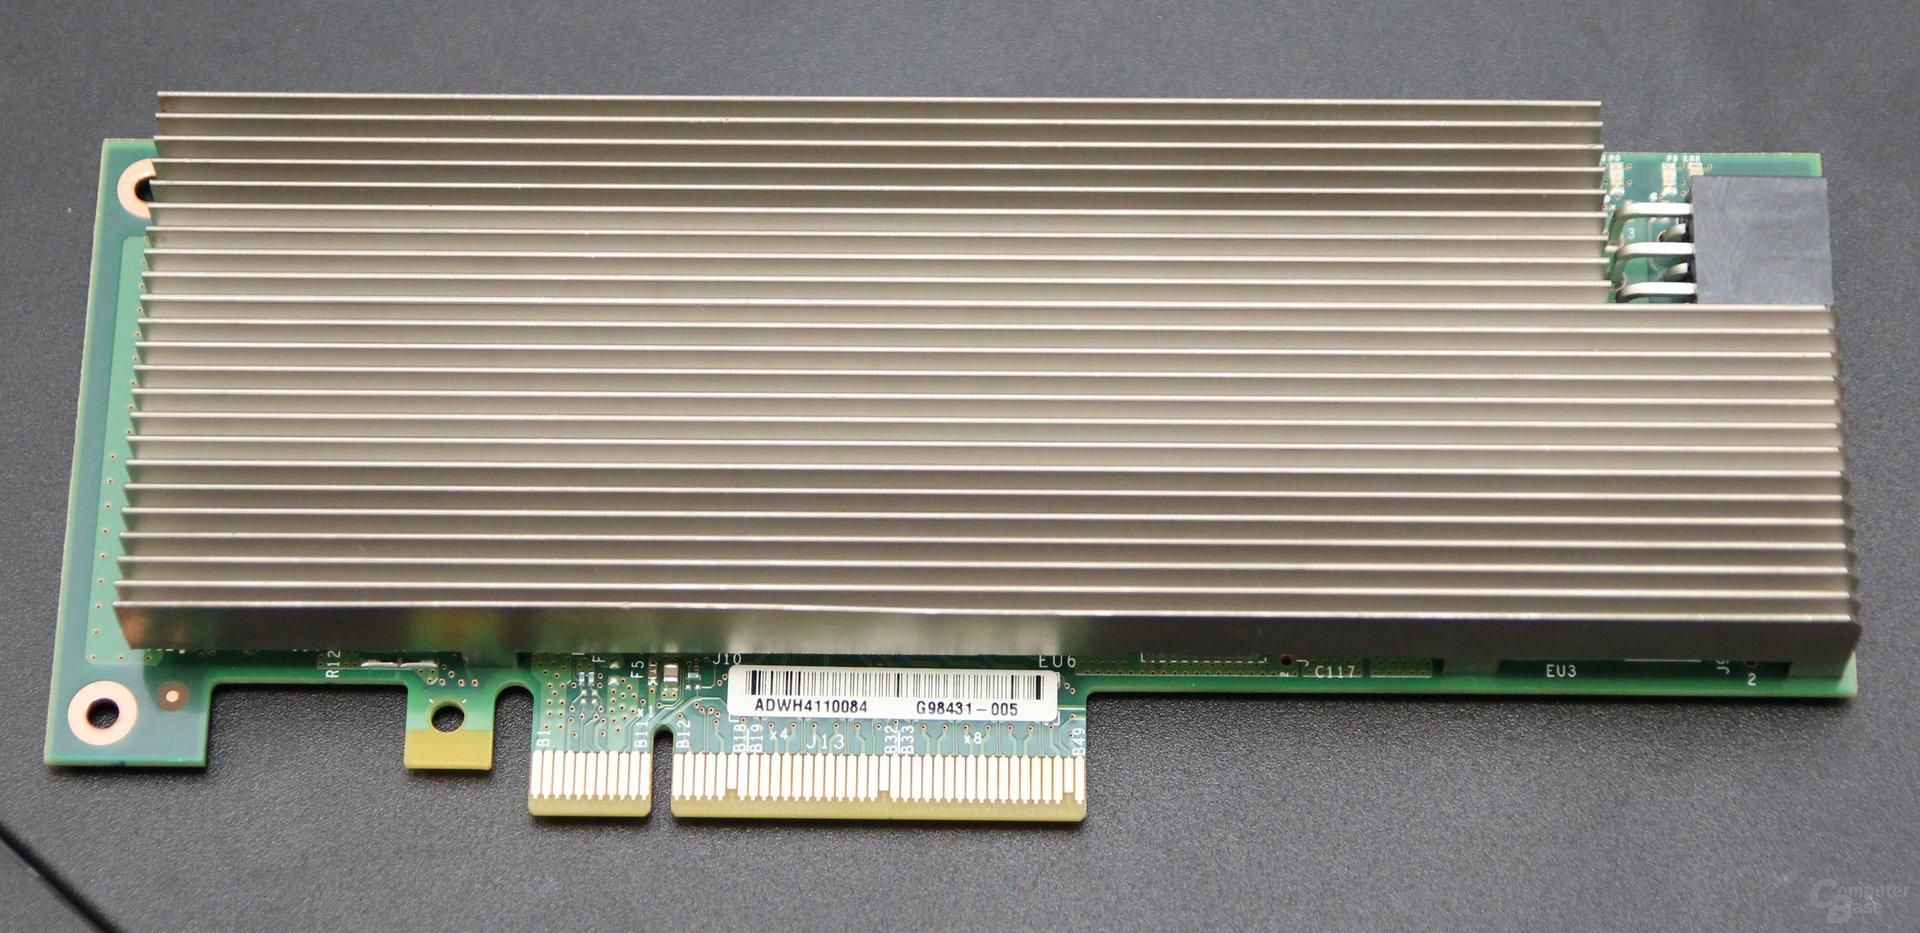 Intel QuickAssist Server Adapter